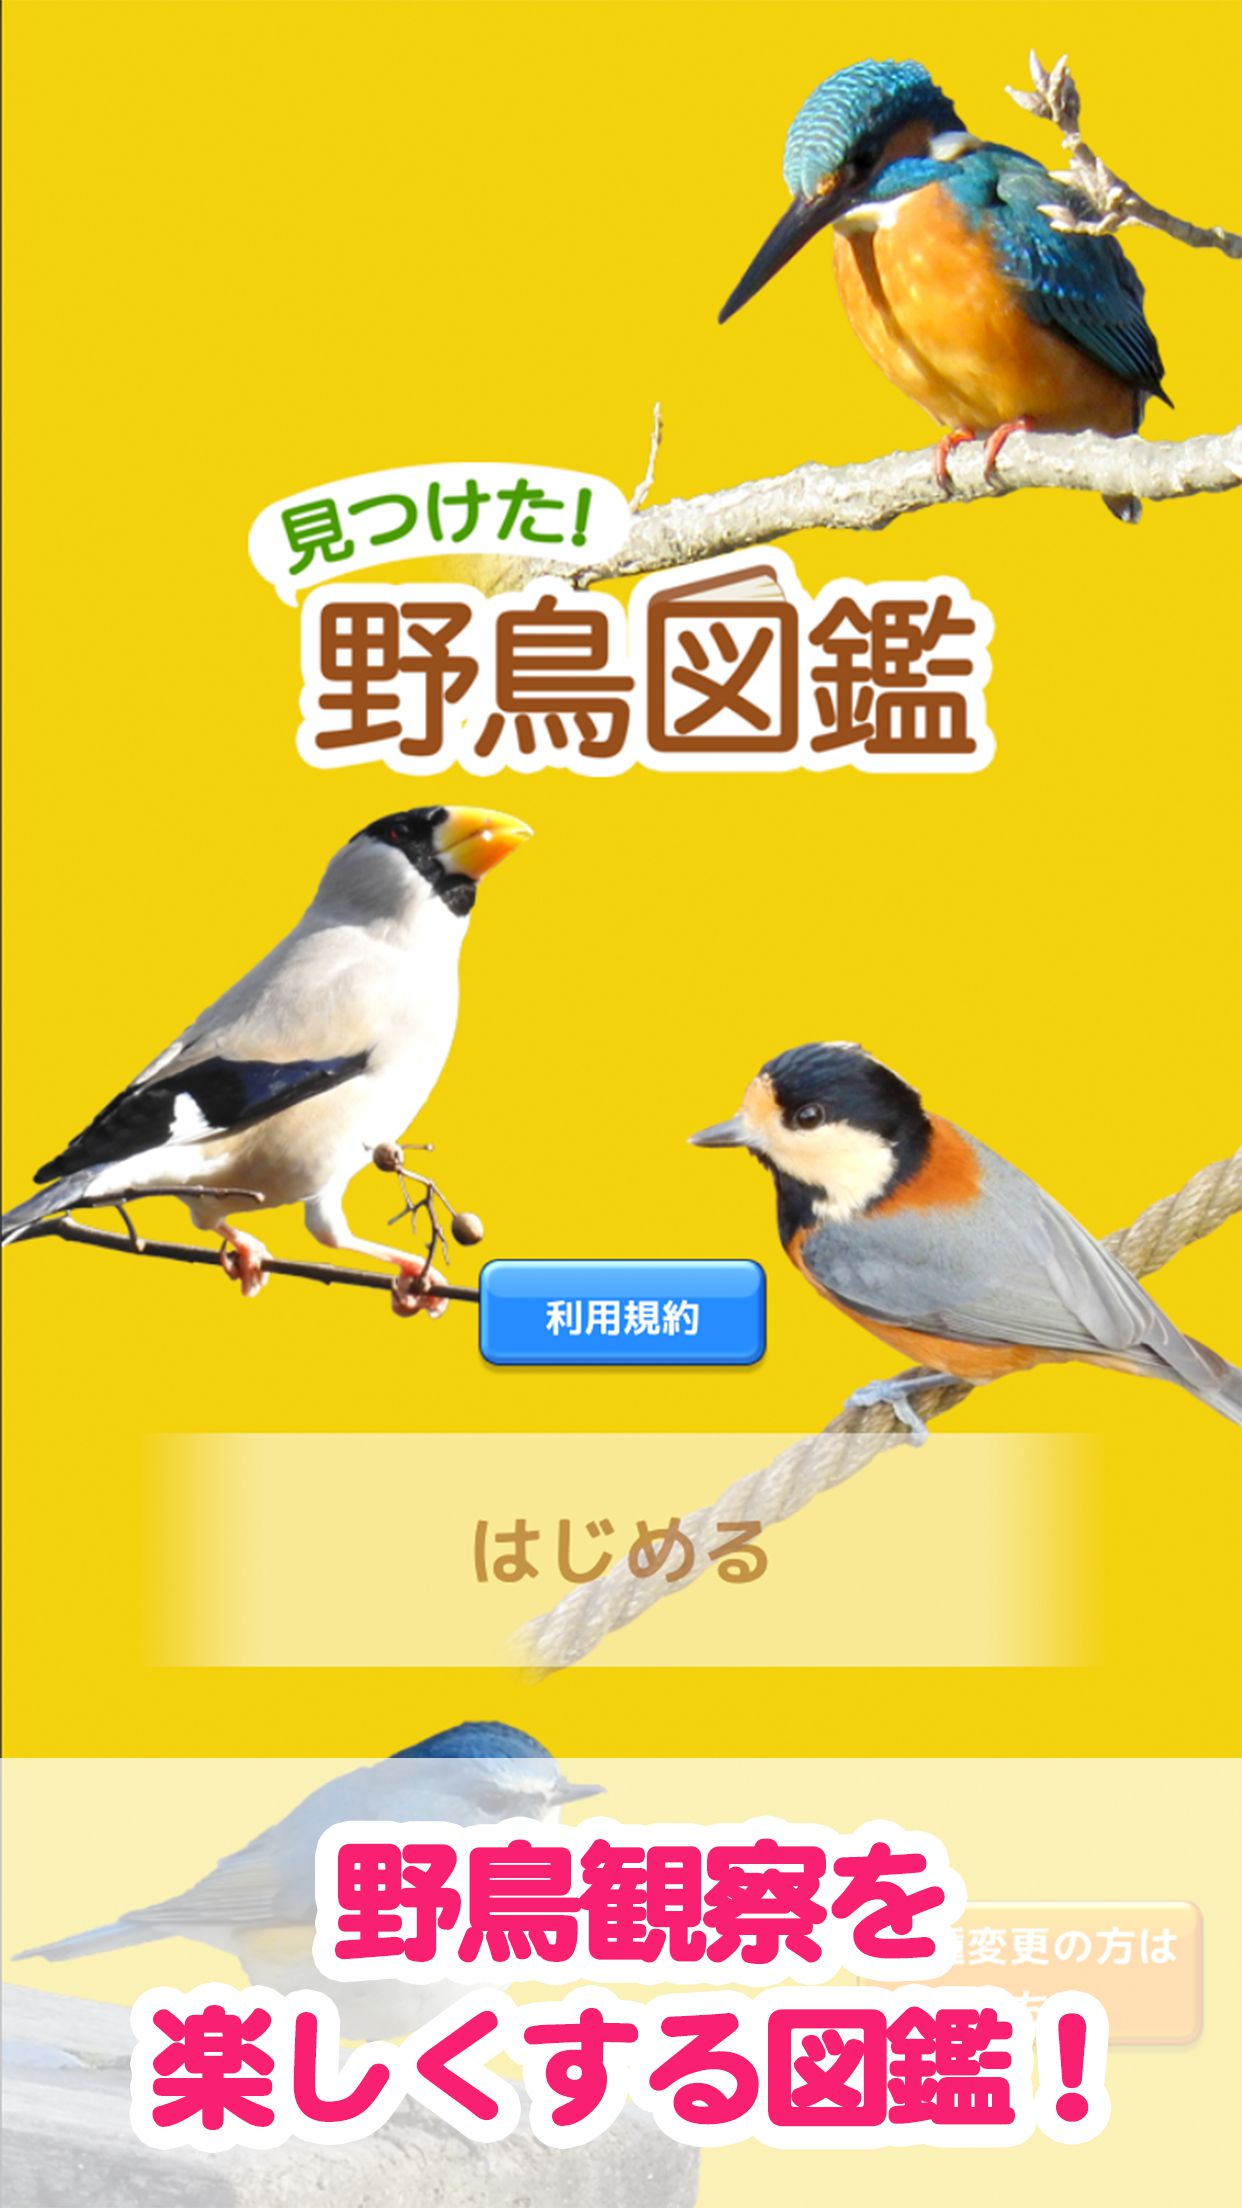 見つけた!野鳥図鑑 TOP